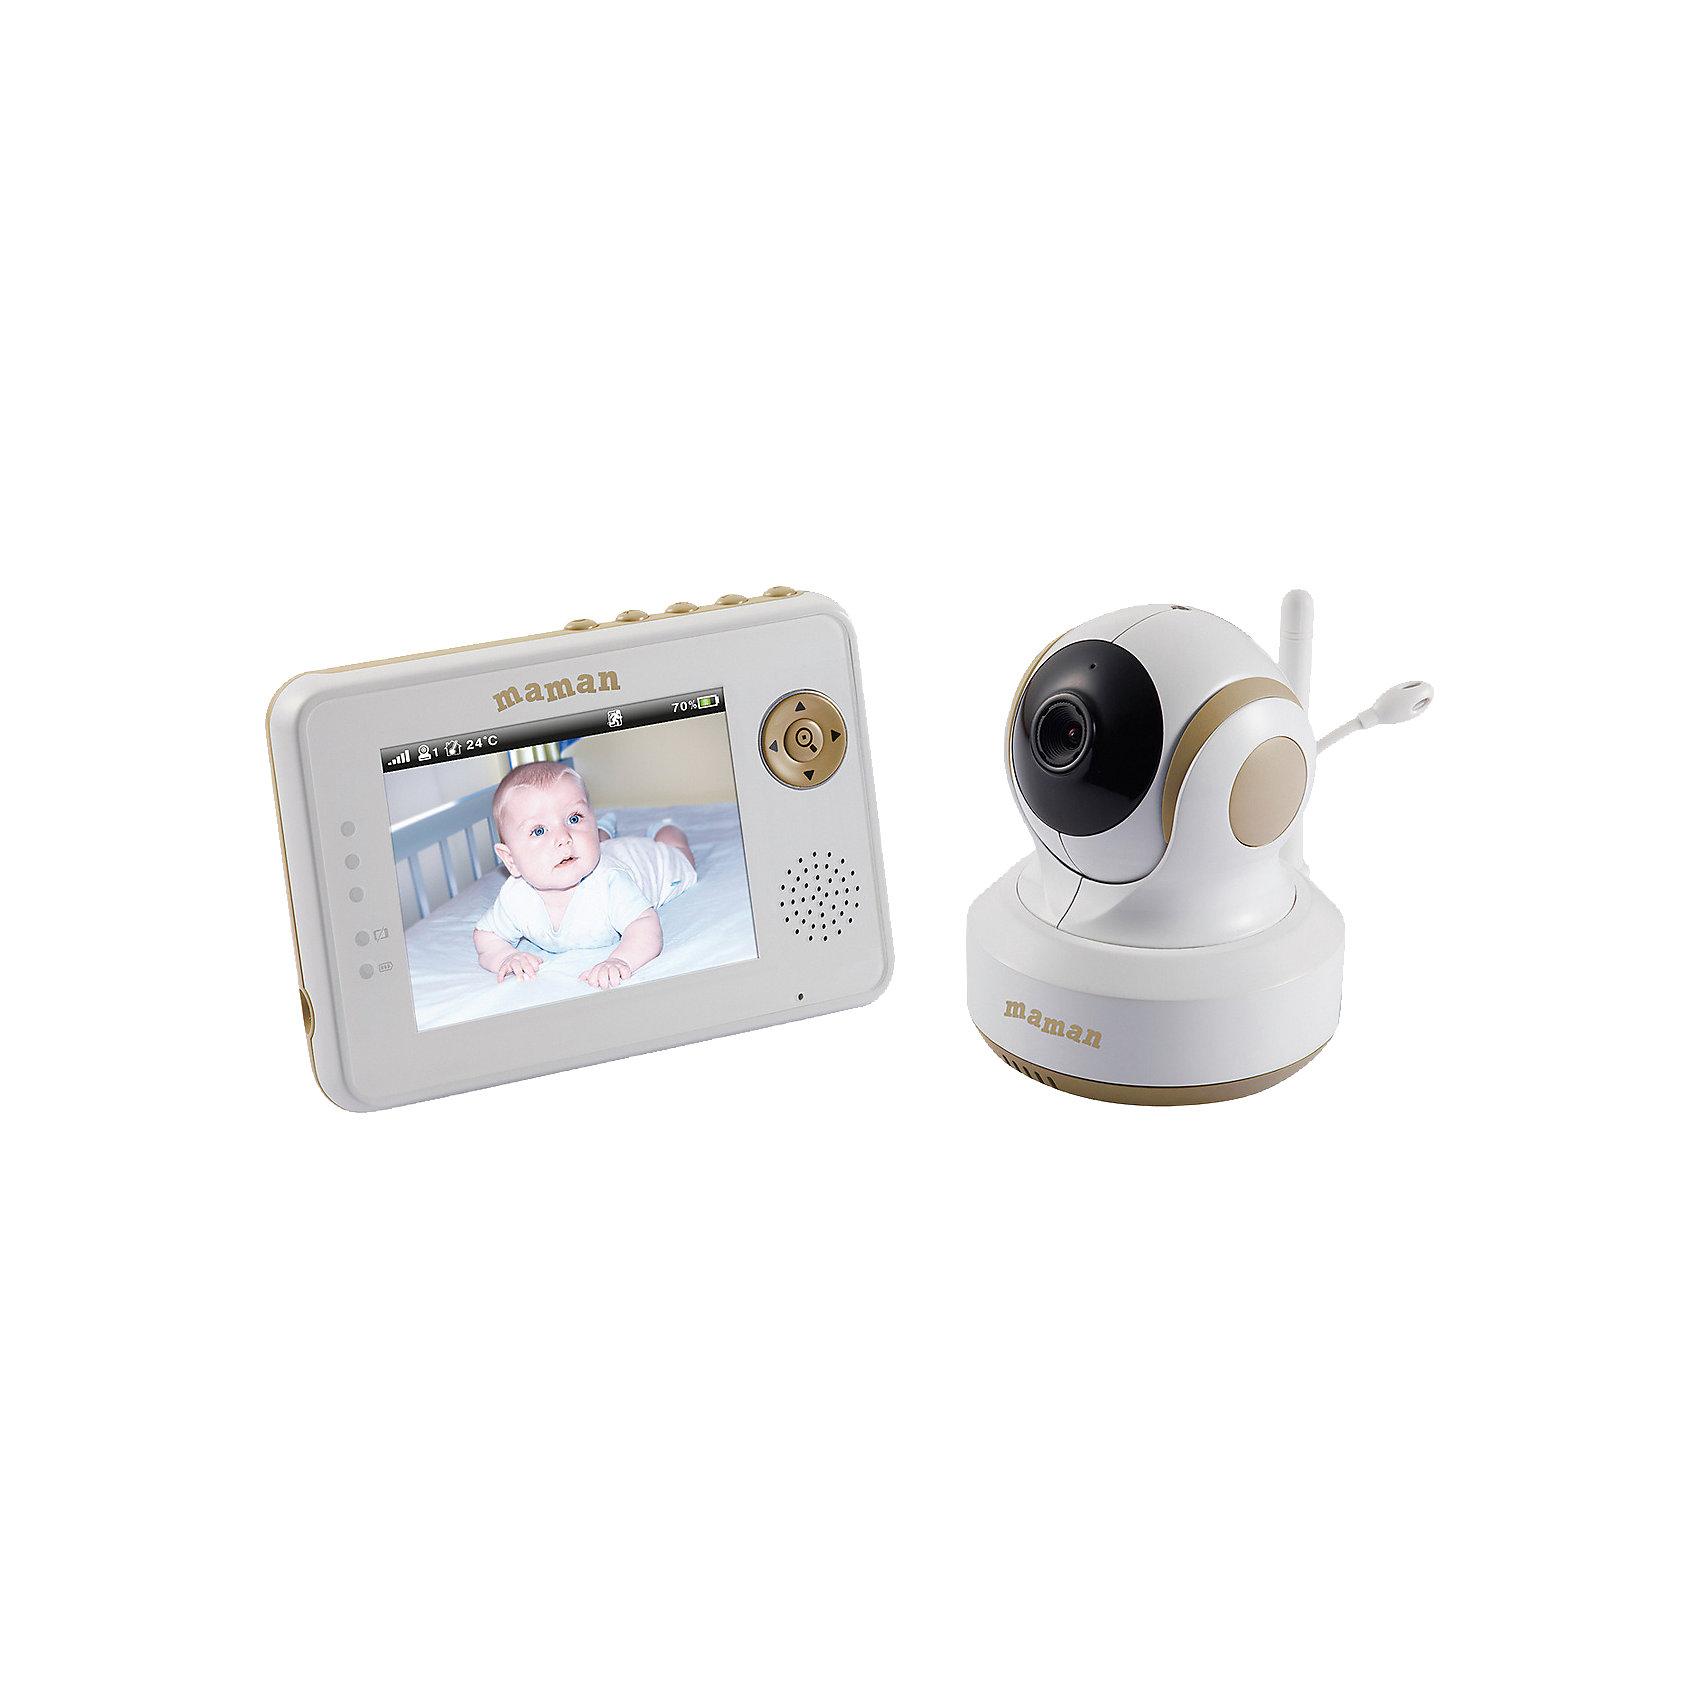 Видеоняня Maman VM2502Детская бытовая техника<br>Видеоняня VM2502 Maman – это высокотехнологичная система для наблюдения за ребенком.<br>Видеоняня VM2502 Maman - это многофункциональная беспроводная система видеонаблюдения с функцией автоматического слежения и дистанционным управлением камерой с помощью кнопок монитора. Данная модель использует современную технологию передачи данных, которая позволяет избежать помех. Видеоняня позволит не только видеть и слышать вашего ребенка на расстоянии, но и поддерживать с ним двустороннюю связь. Таким образом, вы сможете своевременно обеспечить необходимый уход за малышом. Видеоняня представляет собой маломощное радиоустройство, передающее аудио- и видео-сигнал по радиоканалу в пределах помещения с дальностью действия до 150 метров на открытой местности. Питание камеры и монитора осуществляет от сети 220В. Монитор также может работать от аккумулятора. Имеется возможность настенного крепления камеры.<br><br>Дополнительная информация:<br><br>- В комплекте: камера, монитор, аккумулятор для монитора(Li-Ion, 1100 мАч), сетевой адаптер, комплект для крепления устройств к вертикальной поверхности, руководство пользователя<br>- Время заряда: 8 часов <br>- Цветной дисплей с диагональю 3,5 дюйма<br>- Режимы: «Обратная связь», «Ночное видение»<br>- Режим энергосбережения и голосовой активации<br>- Проигрывание колыбельных мелодий (3 мелодии)<br>- Измерение температуры в комнате<br>- Таймер кормления<br>- 2-кратное увеличение изображения<br>- Регулировка уровня чувствительности, звука, яркости<br>- Раскладные антенны<br>- Световая индикация низкого заряда батареи<br>- Индикация процесса зарядки аккумуляторной батареи<br>- Зажим для размещения на поясе<br>- Размеры: монитора - 120 x 80 x 25 мм, камеры - 105 x 100 x 85мм.<br>- Вес: монитора – 135 г., камеры - 220 г.<br>- Размер в упаковке: 260 x 250 x 130 мм.<br>- Вес в упаковке: 1035 гр.<br>- Гарантия: 1 год<br><br>Видеоняню VM2502 Maman можно купить в нашем интернет-магазине.<br><br>Ширин